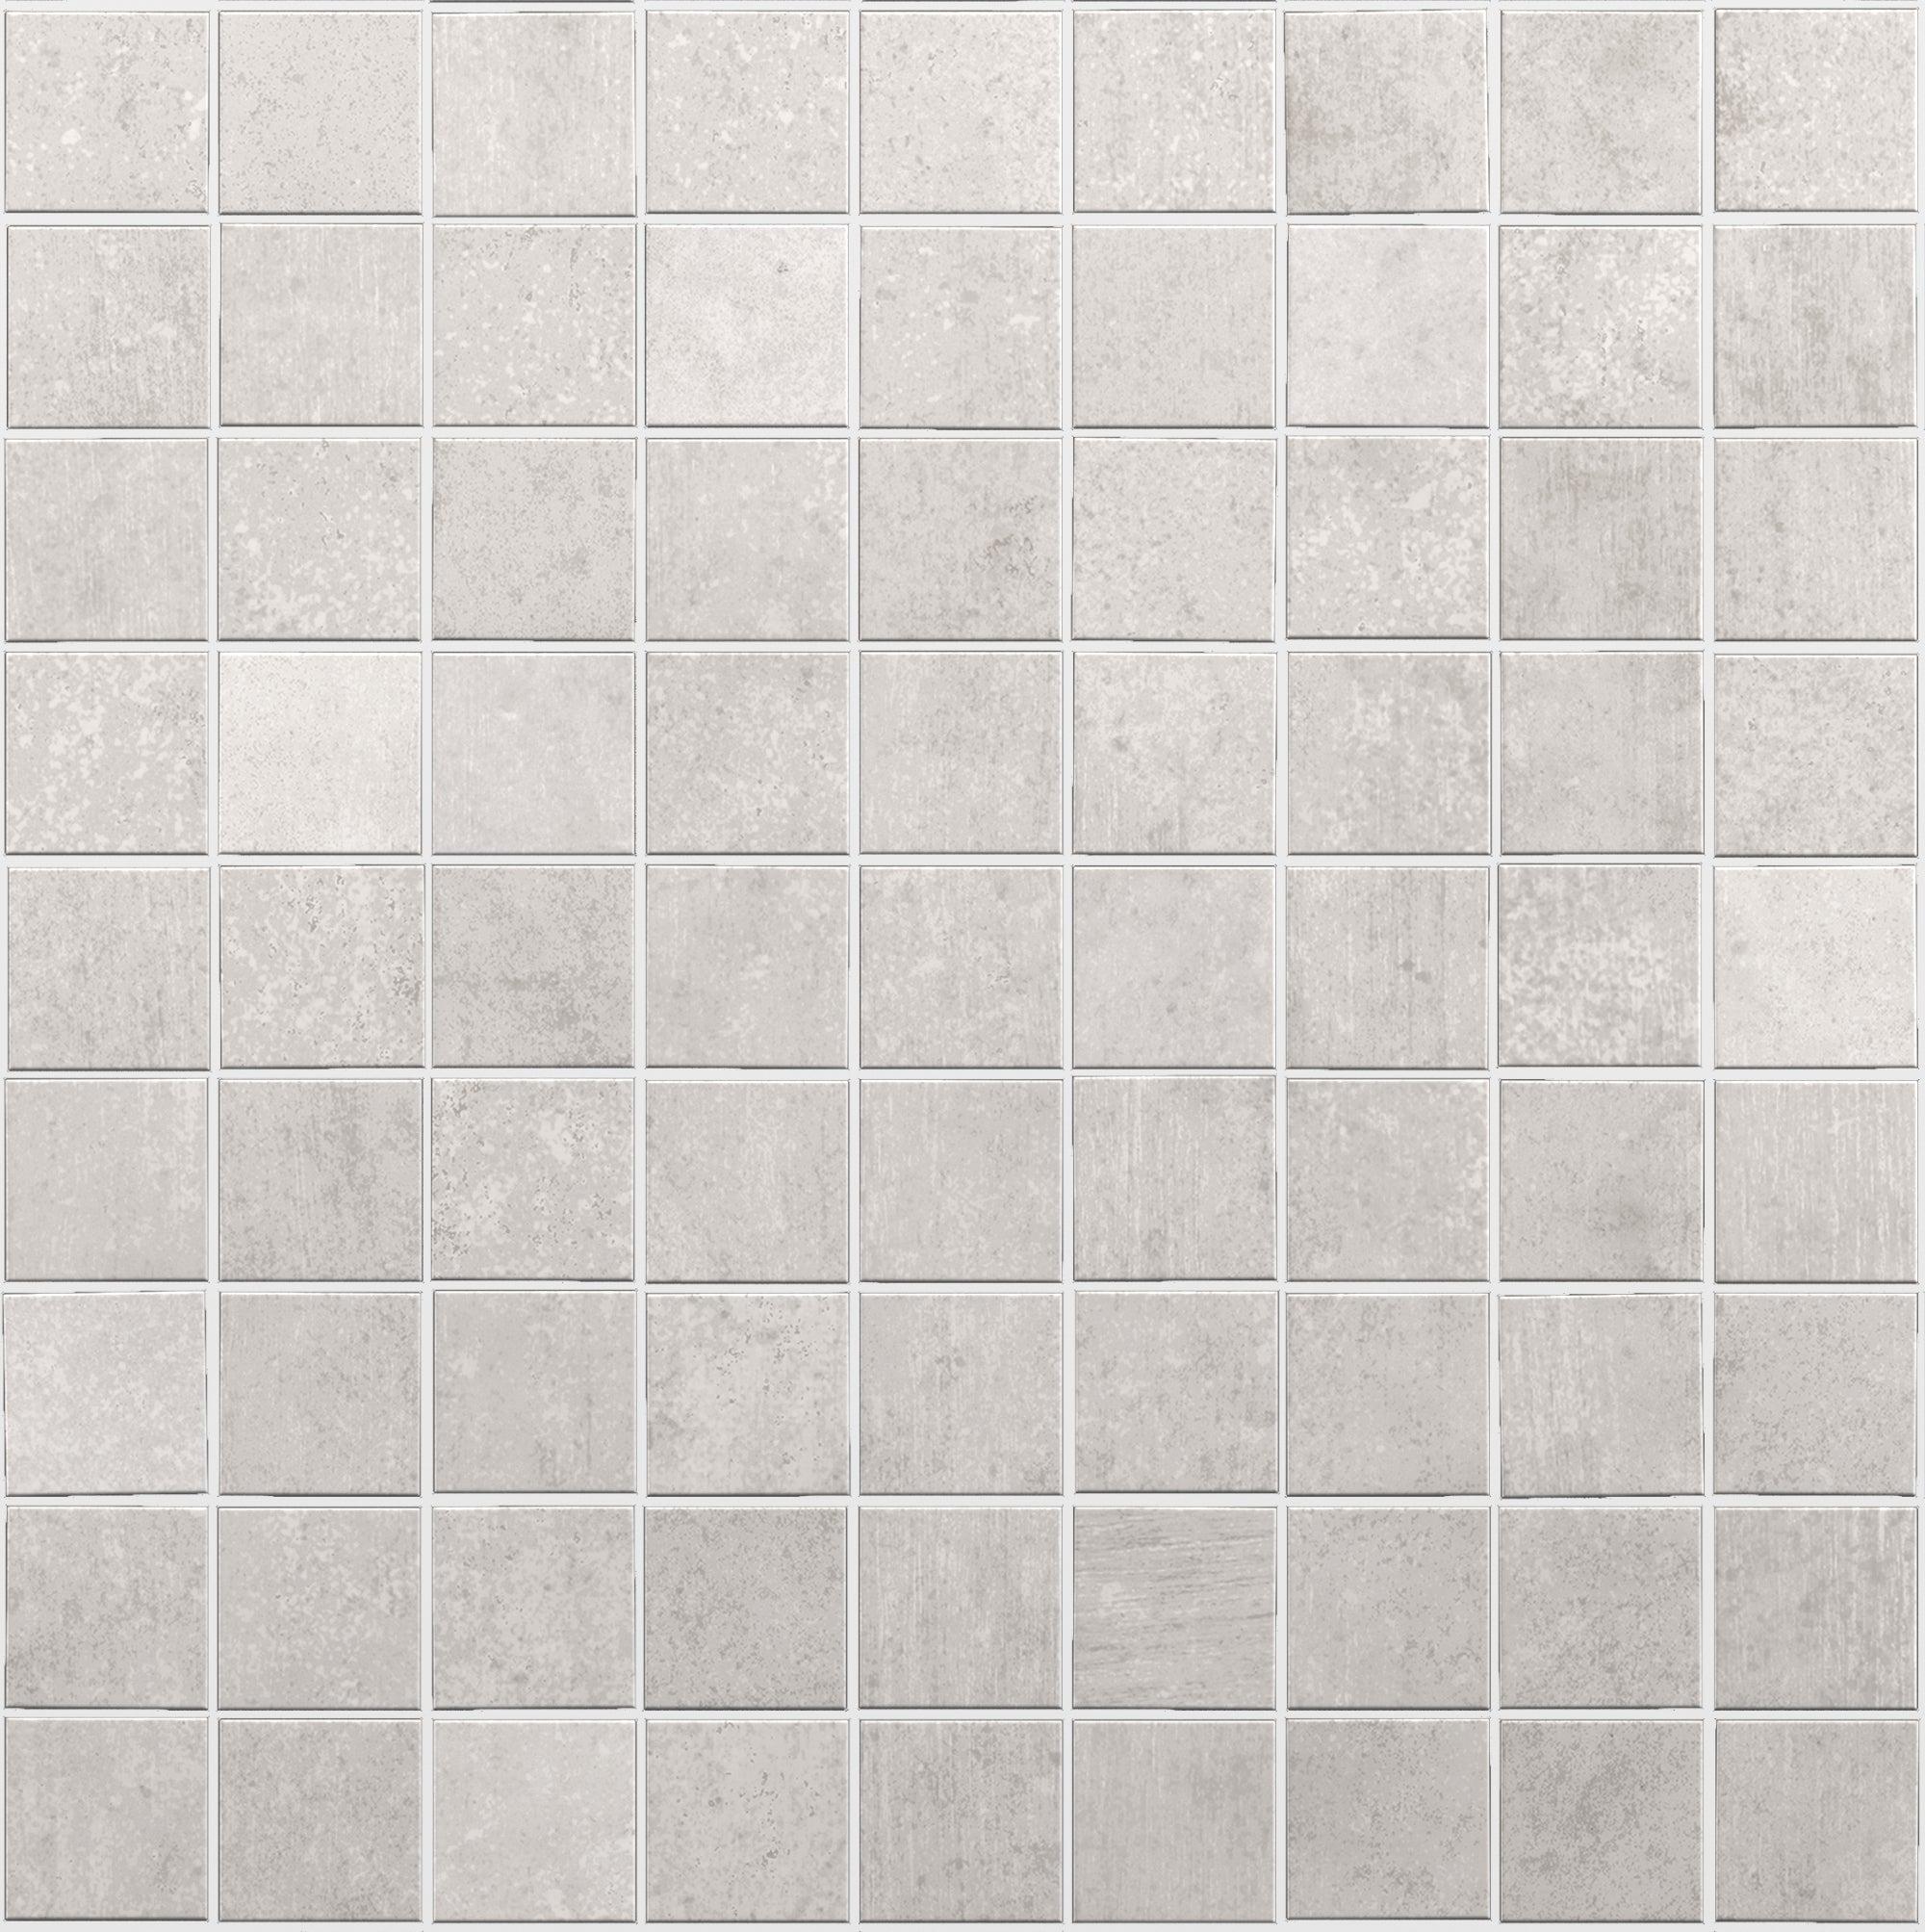 Céramique Mosaïque Gris chiné Mur Sol Carrelage Salle de bains miroir 10 nattes es-41152 /_ F